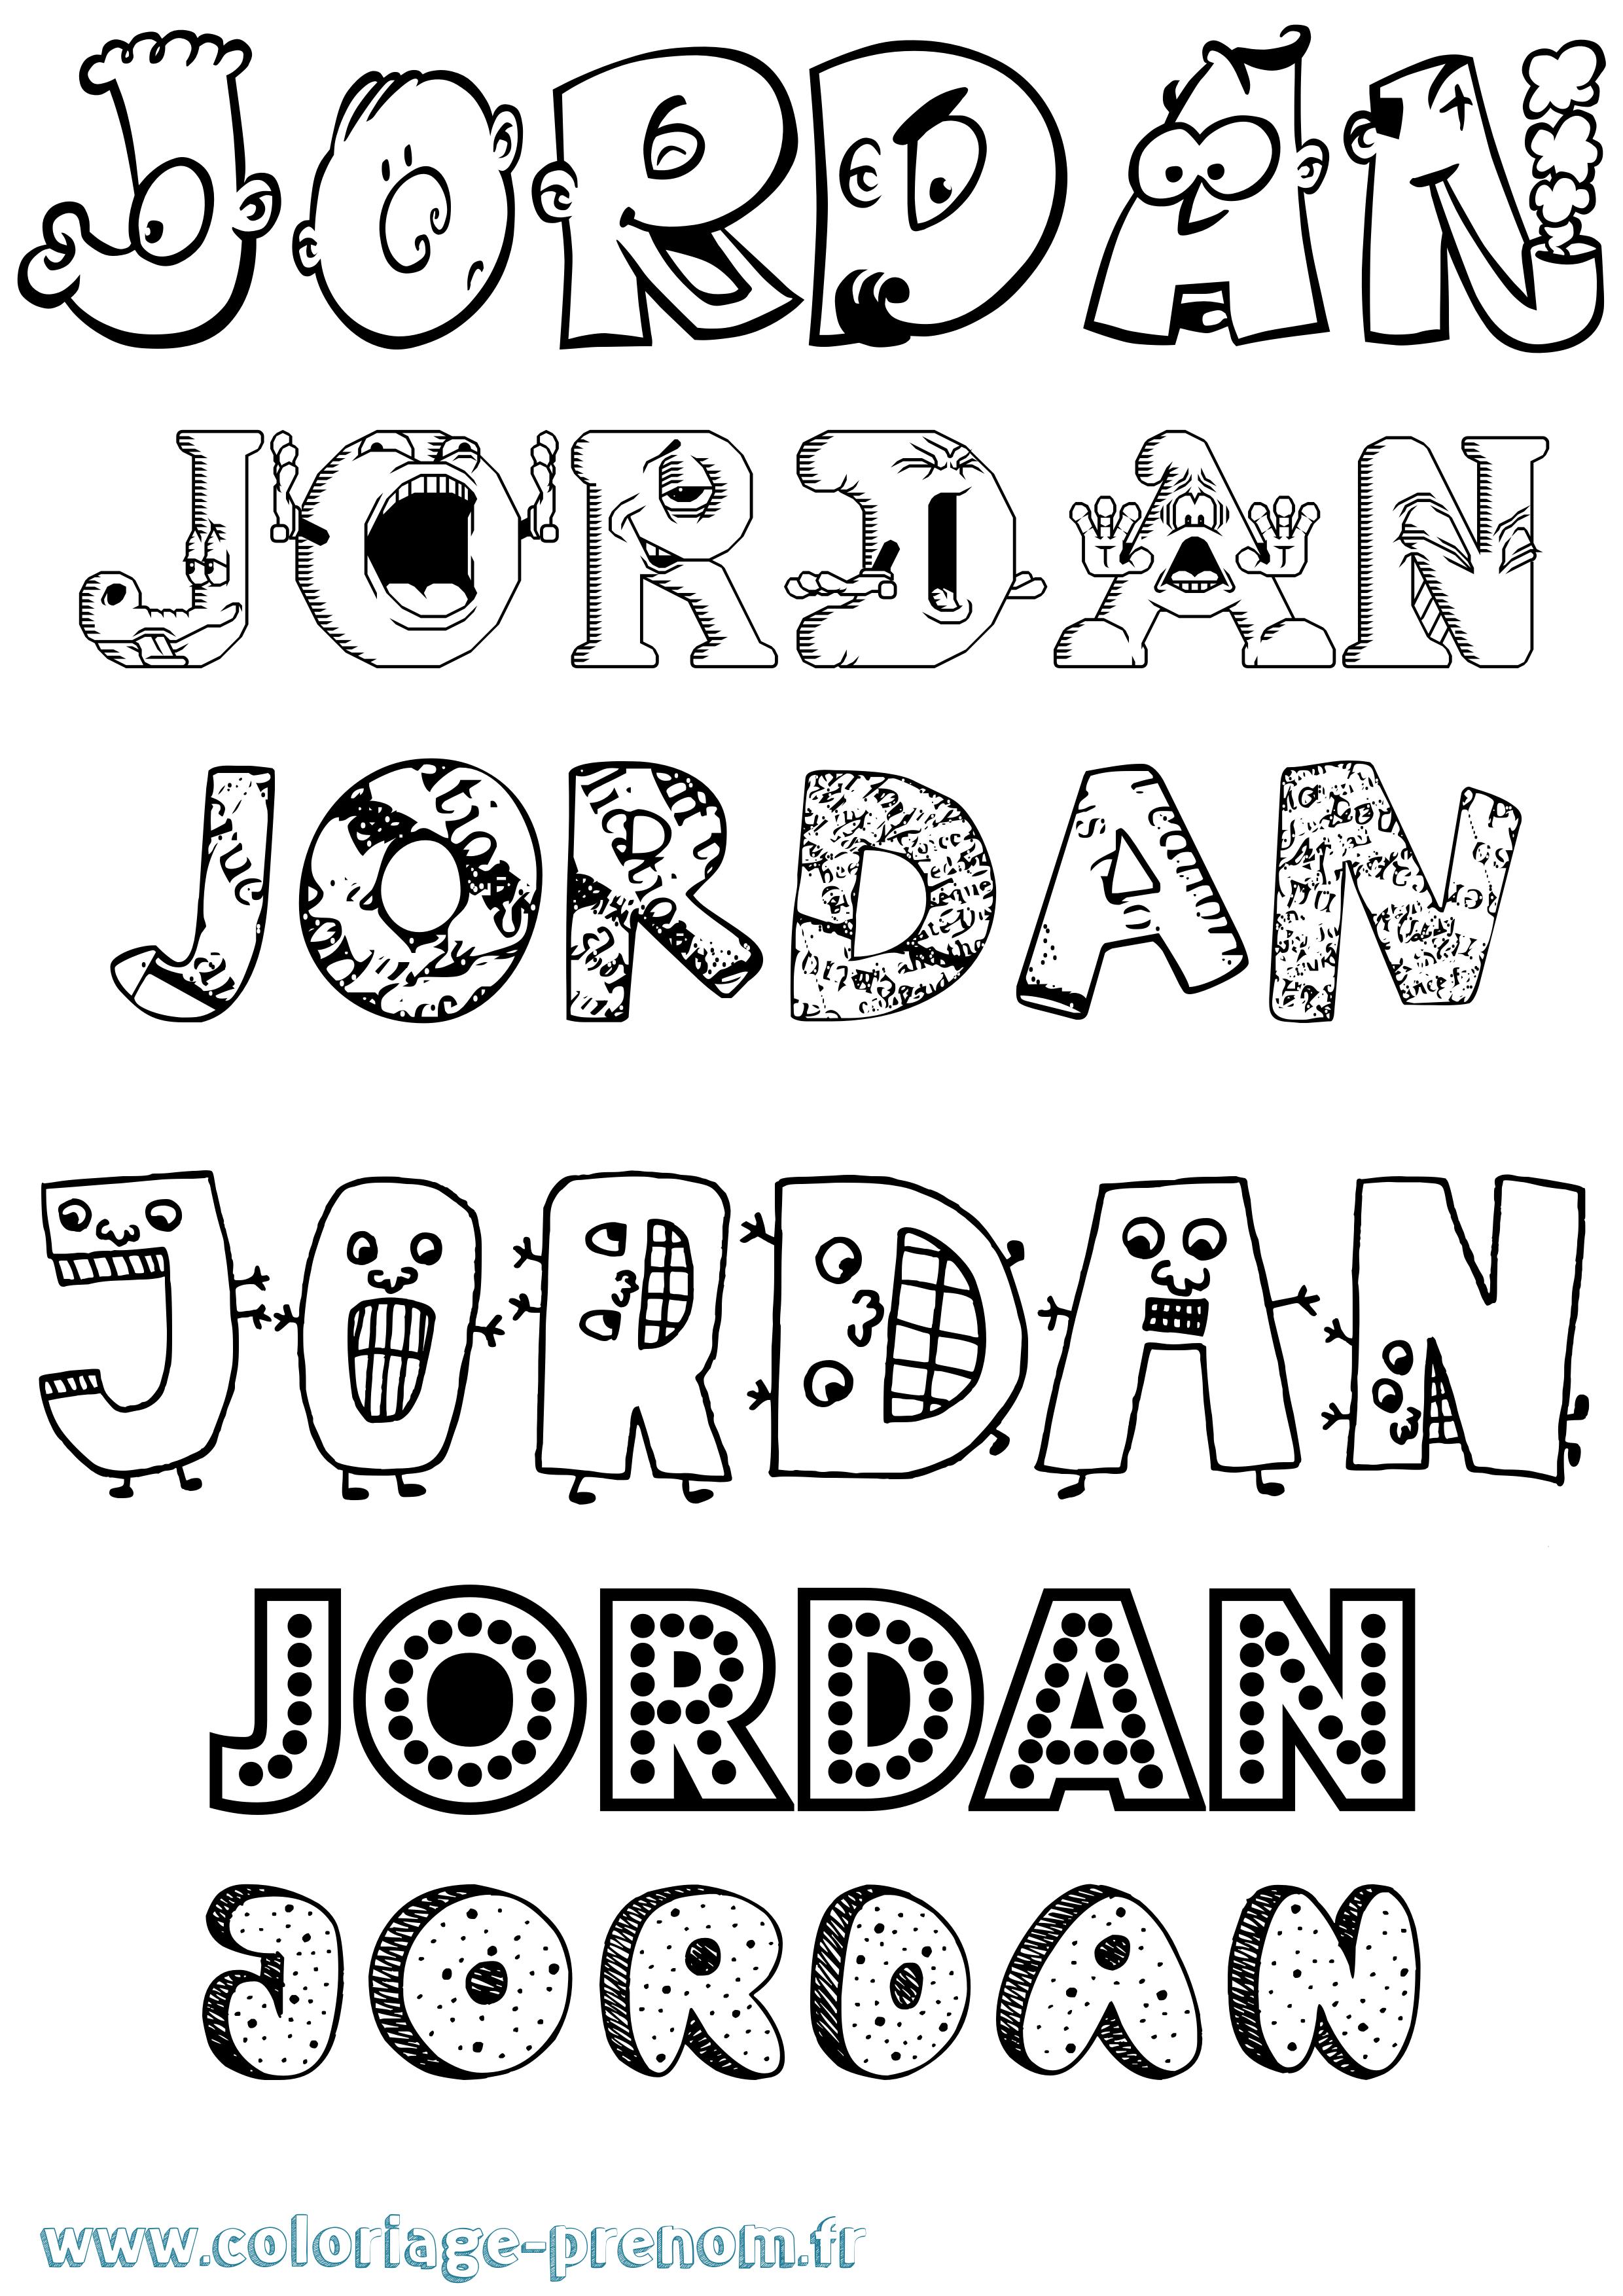 Coloriage du prénom Jordan : à Imprimer ou Télécharger ...